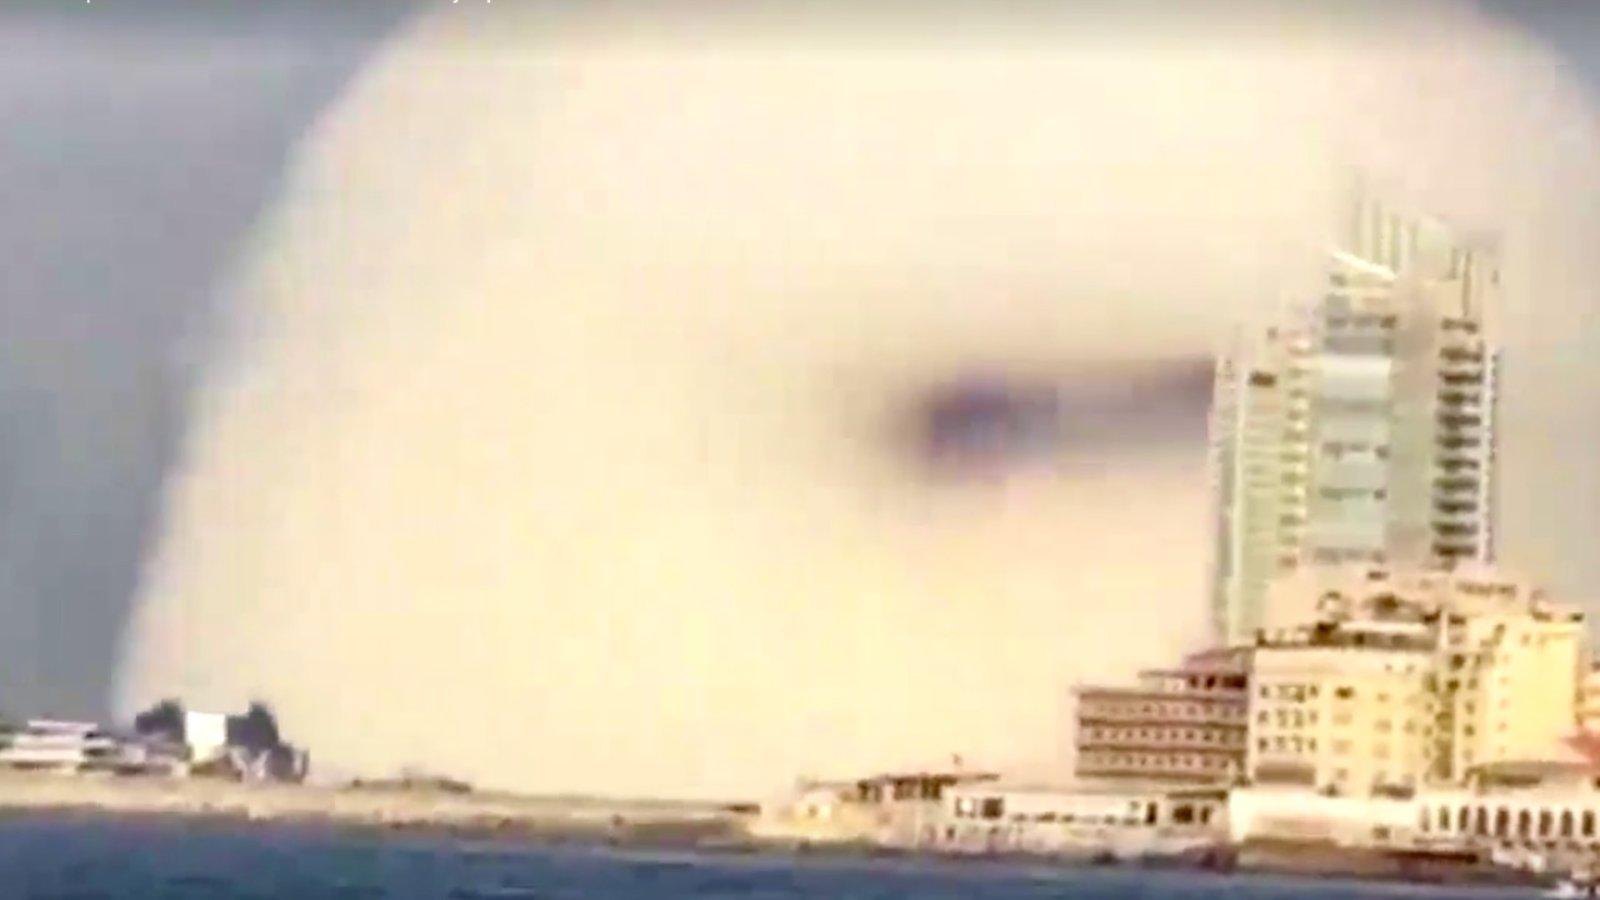 Pourquoi l'explosion à Beyrouth ressemble-t-elle à un champignon nucléaire?  | Agence Science-Presse